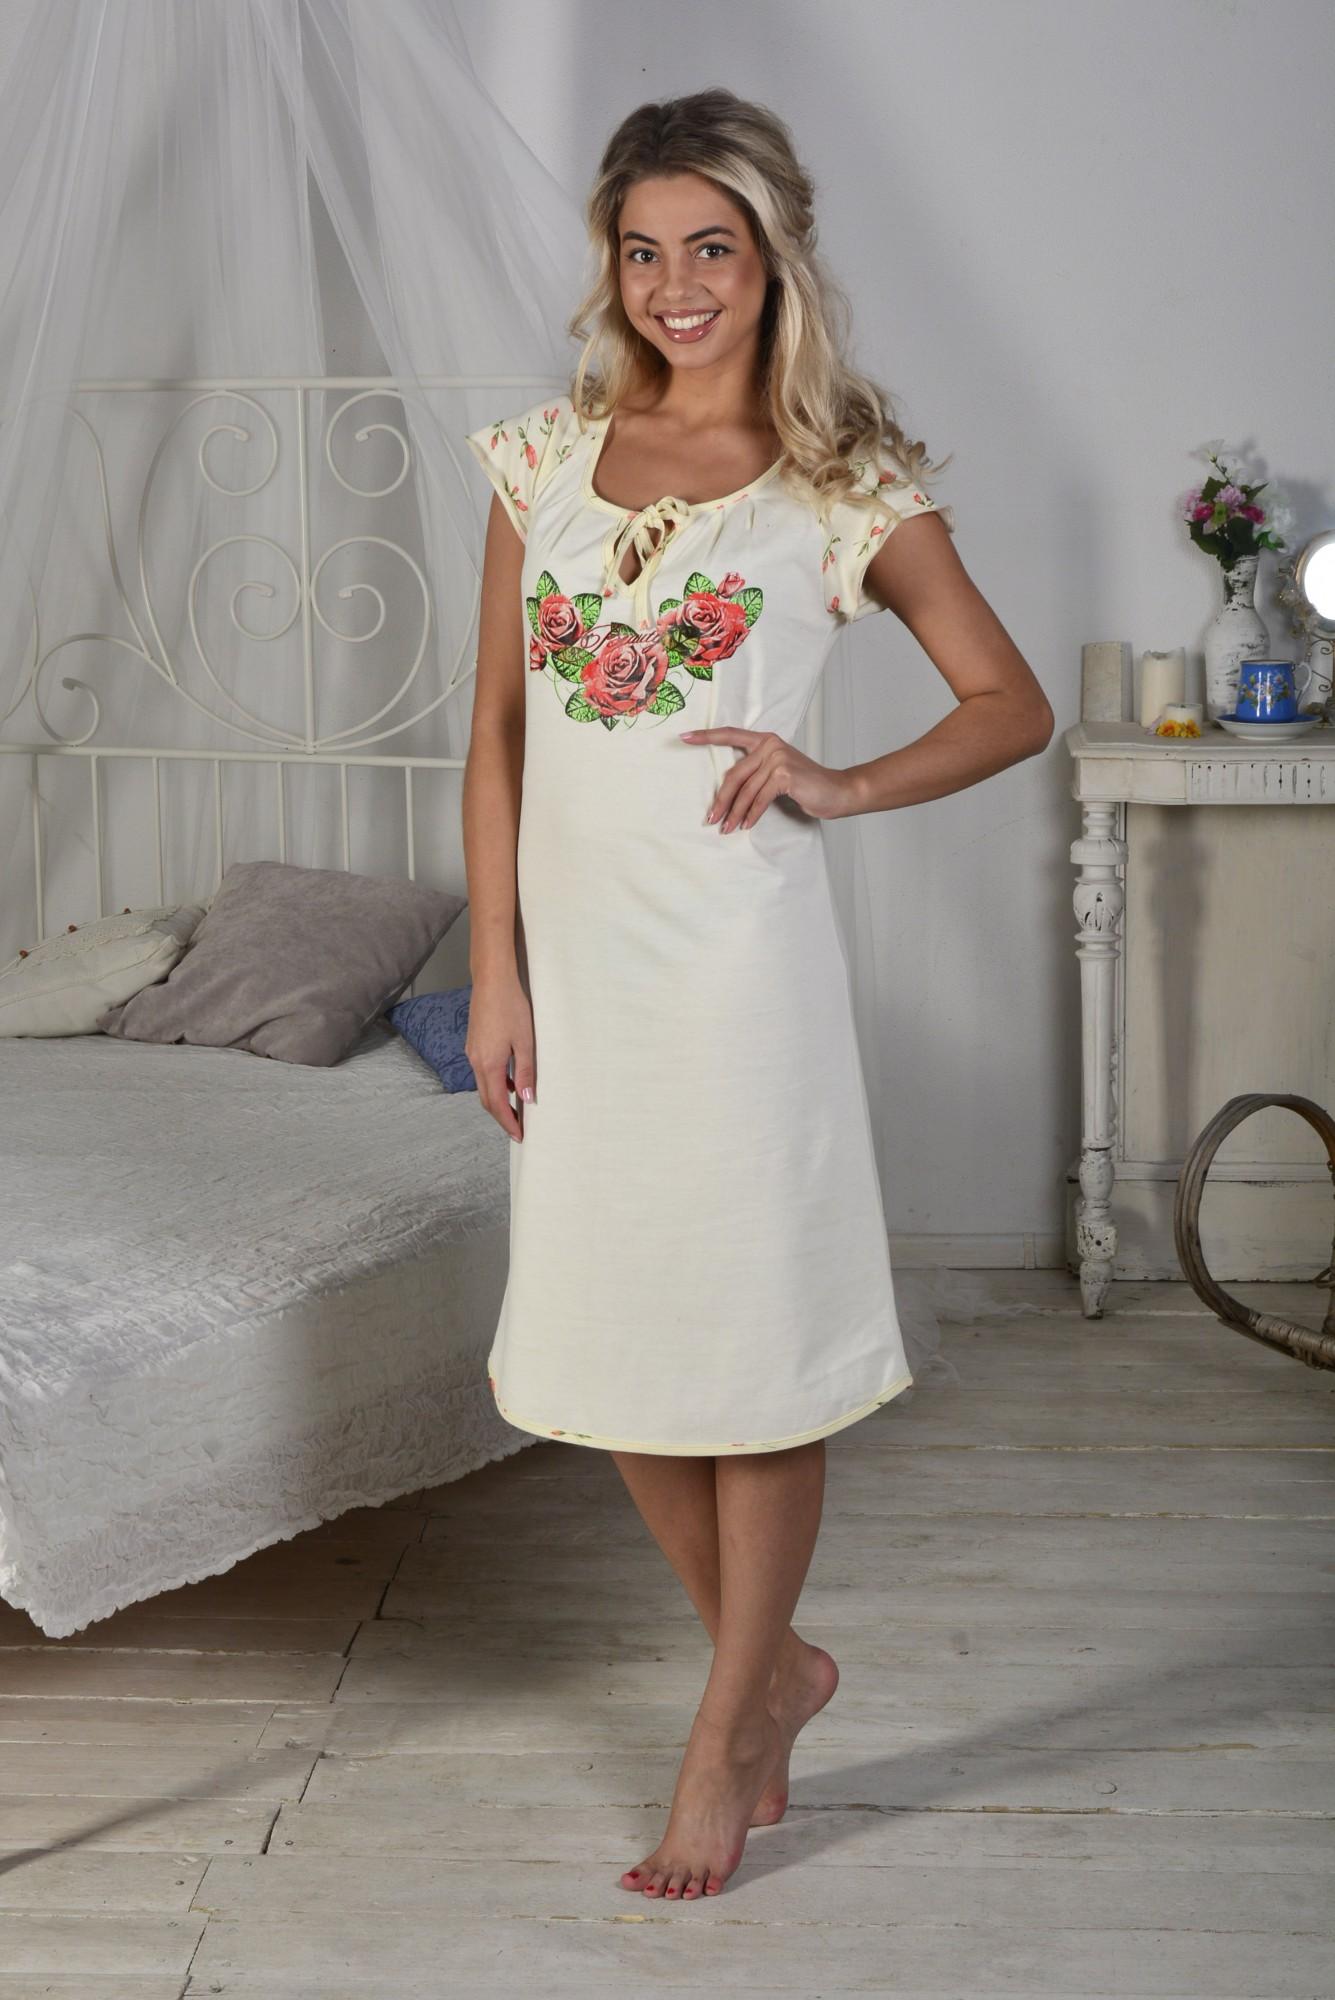 Сорочка женская Алла с коротким рукавомСорочки<br><br><br>Размер: 52